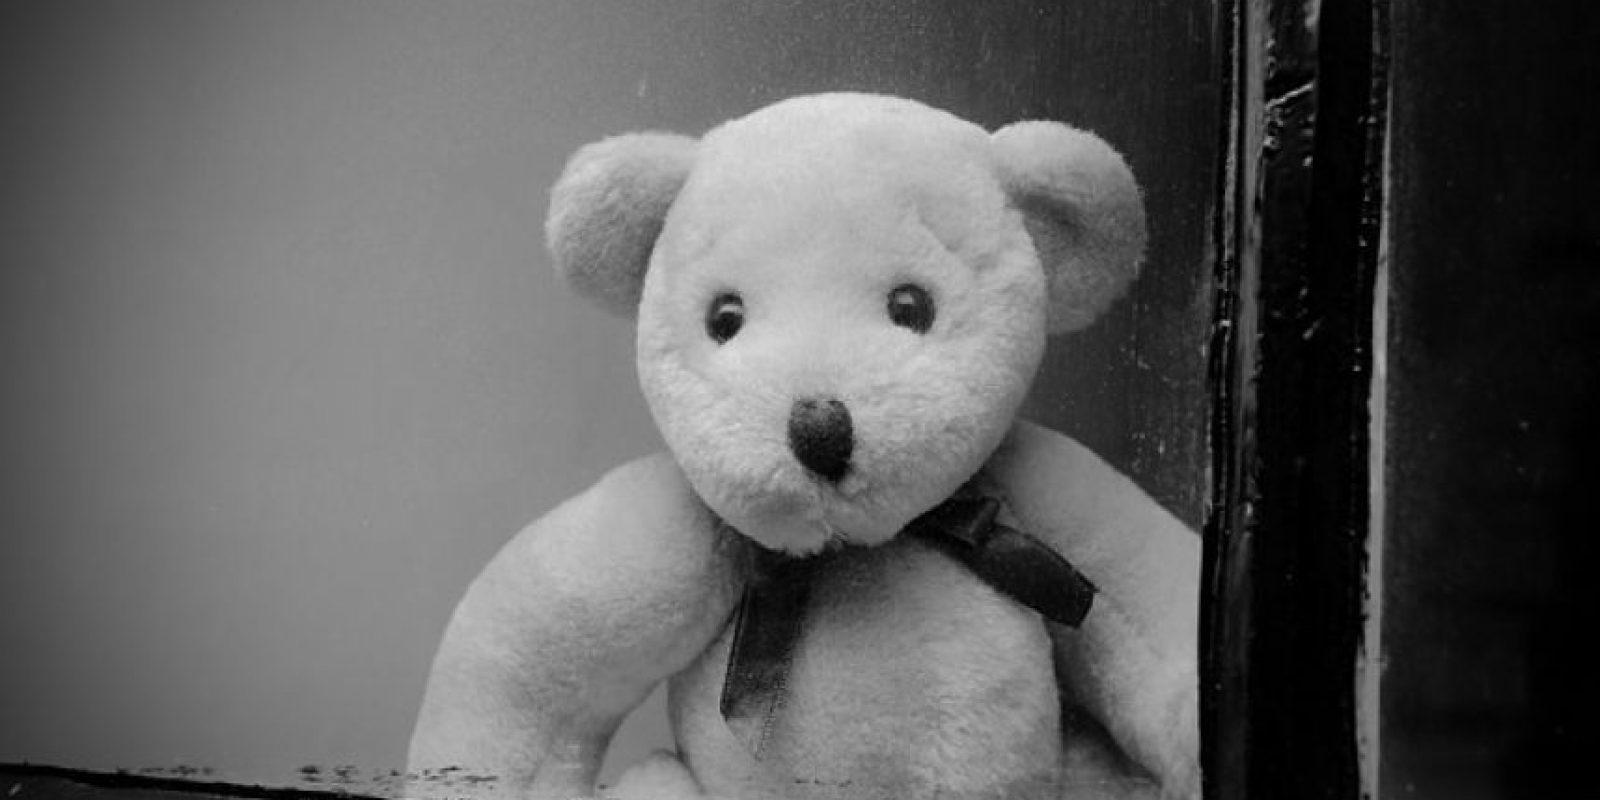 El niño intentaba vender su oso de peluche a cambio de comida Foto:Pixabay